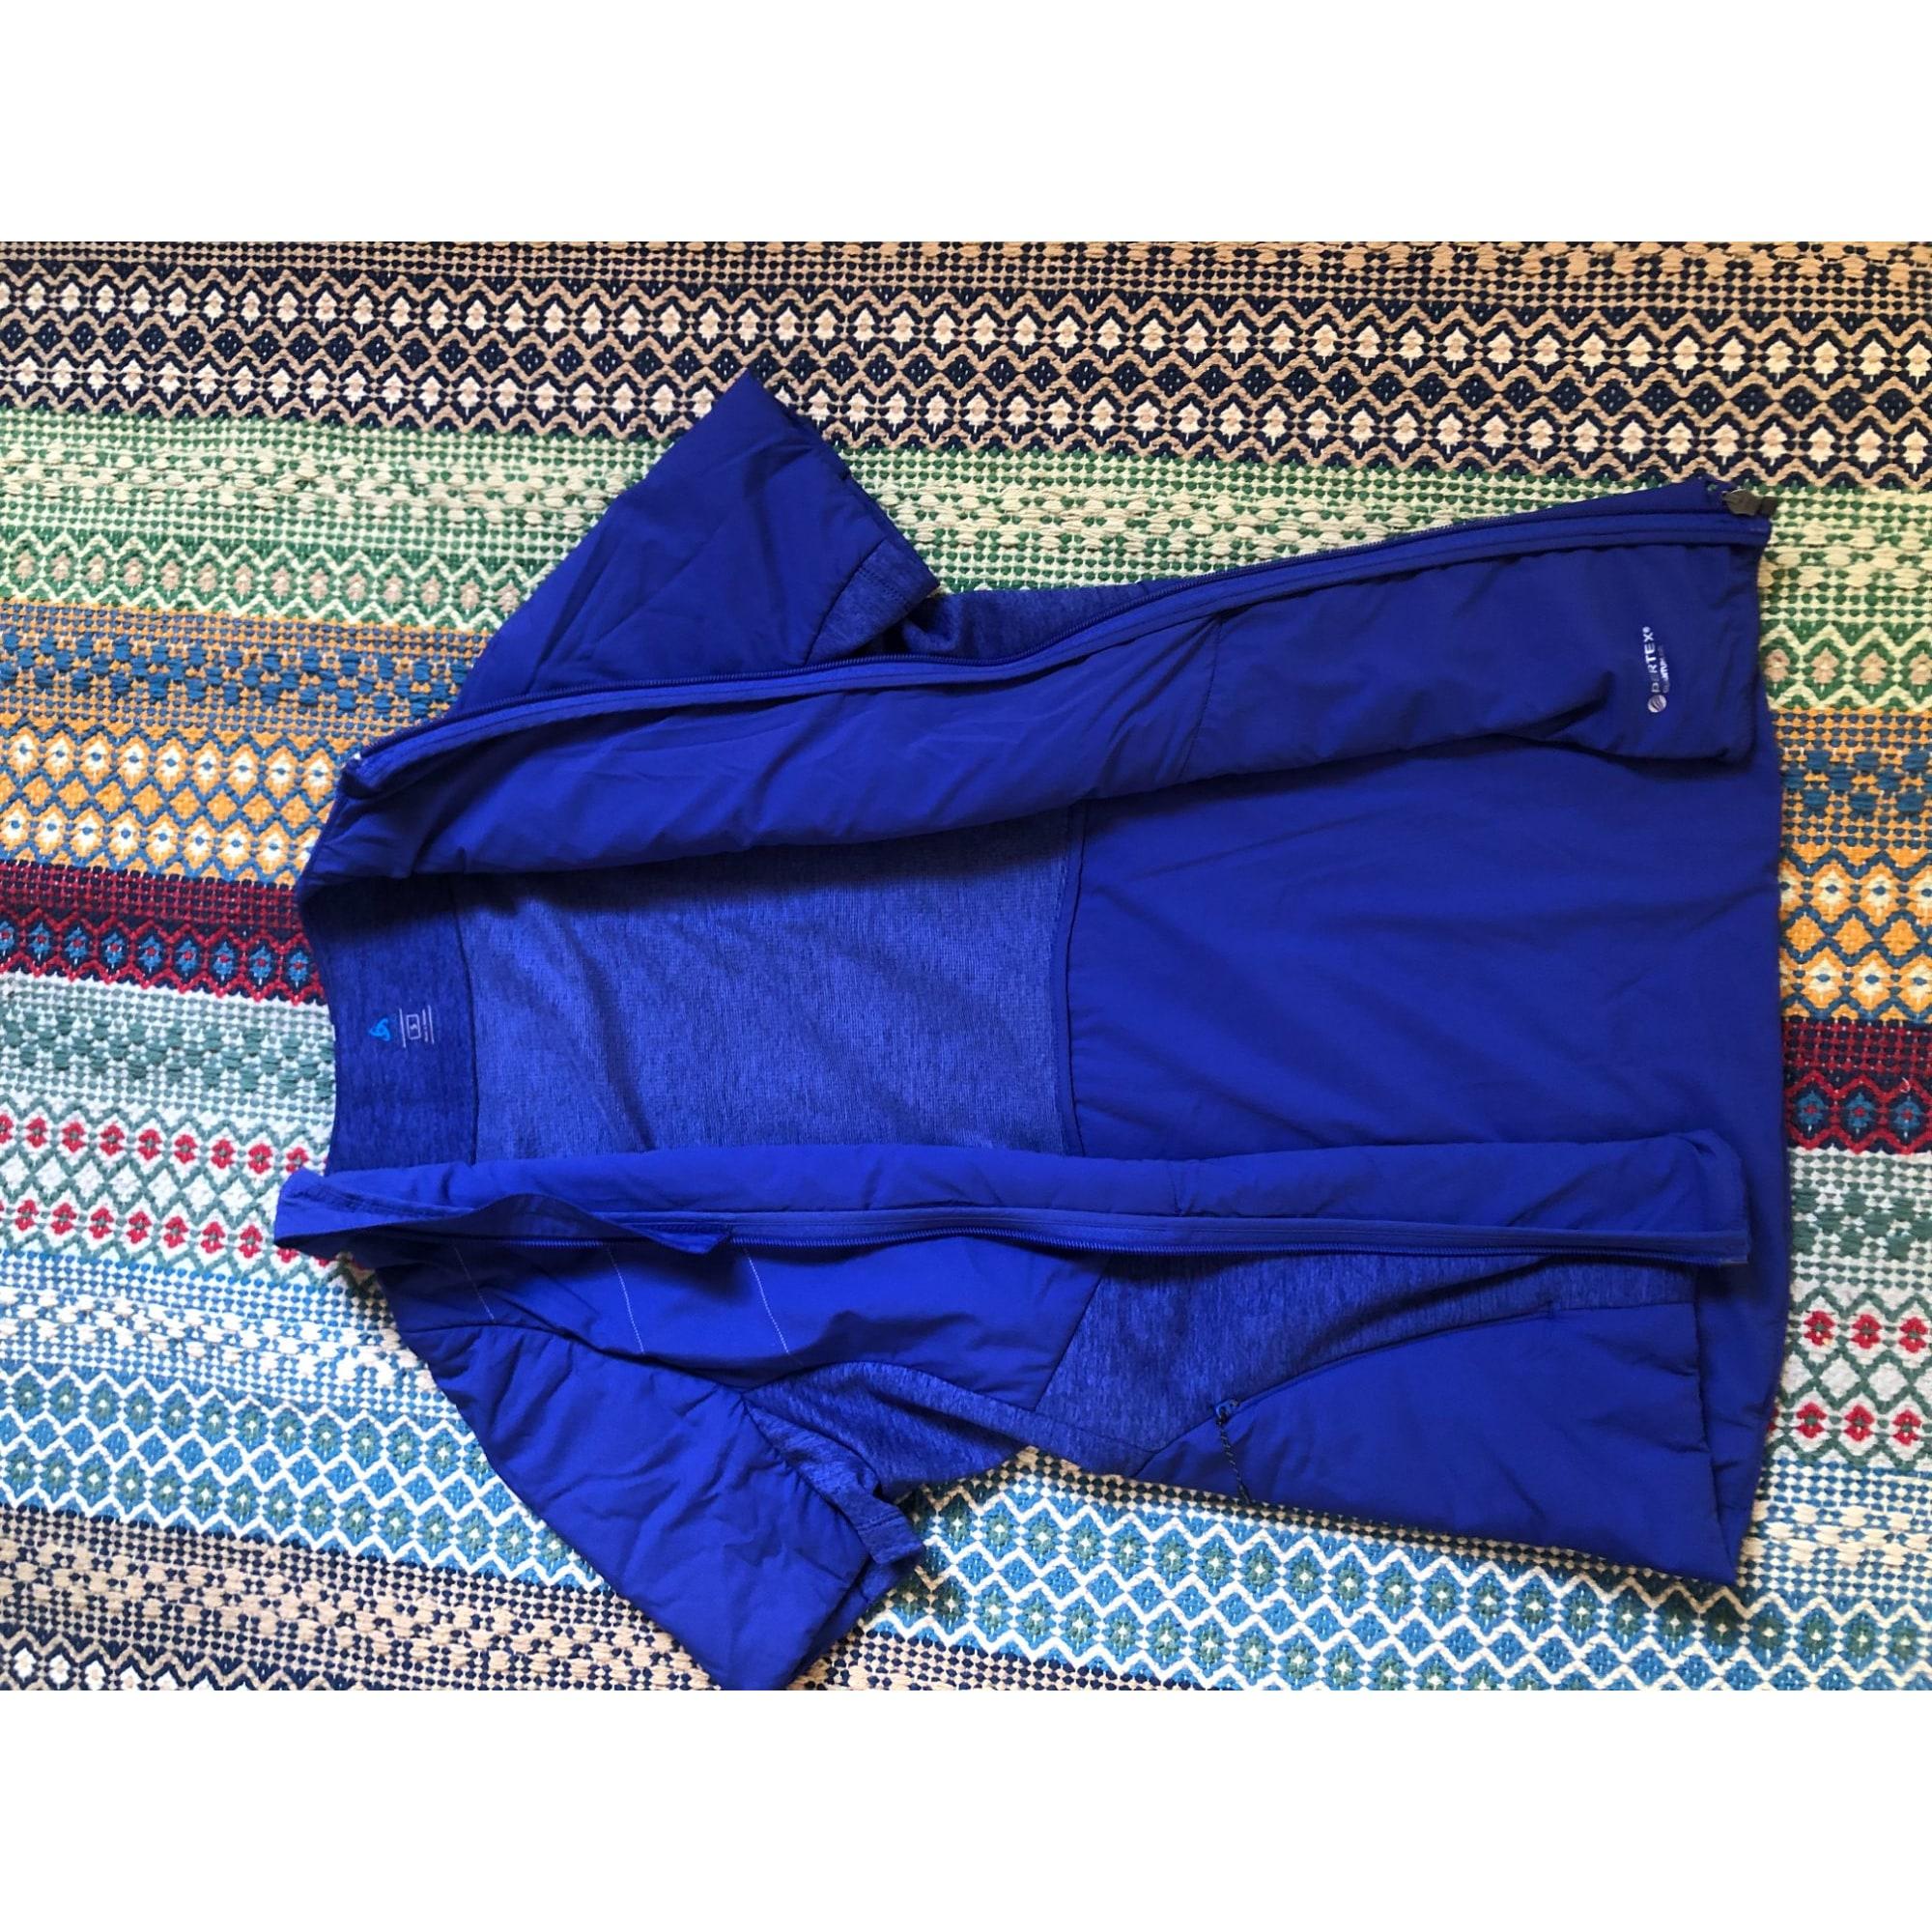 Top, tee-shirt ODLO Bleu, bleu marine, bleu turquoise